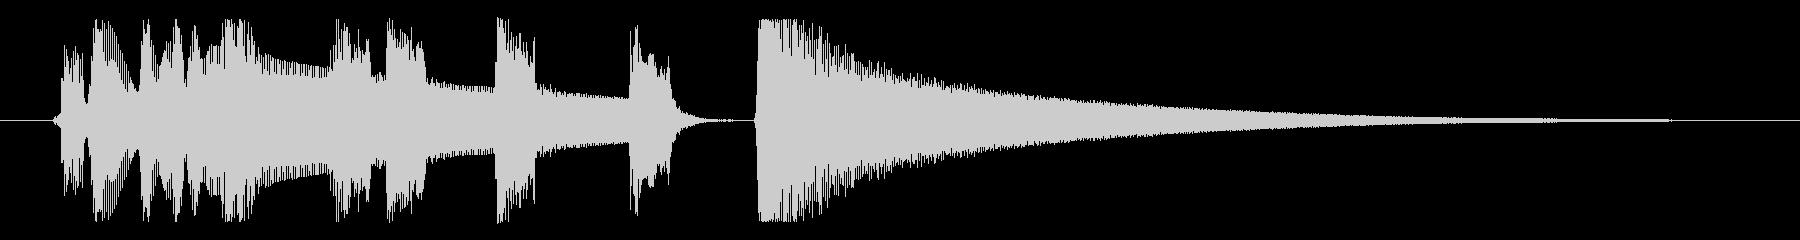 【プライベートタイム1】の未再生の波形